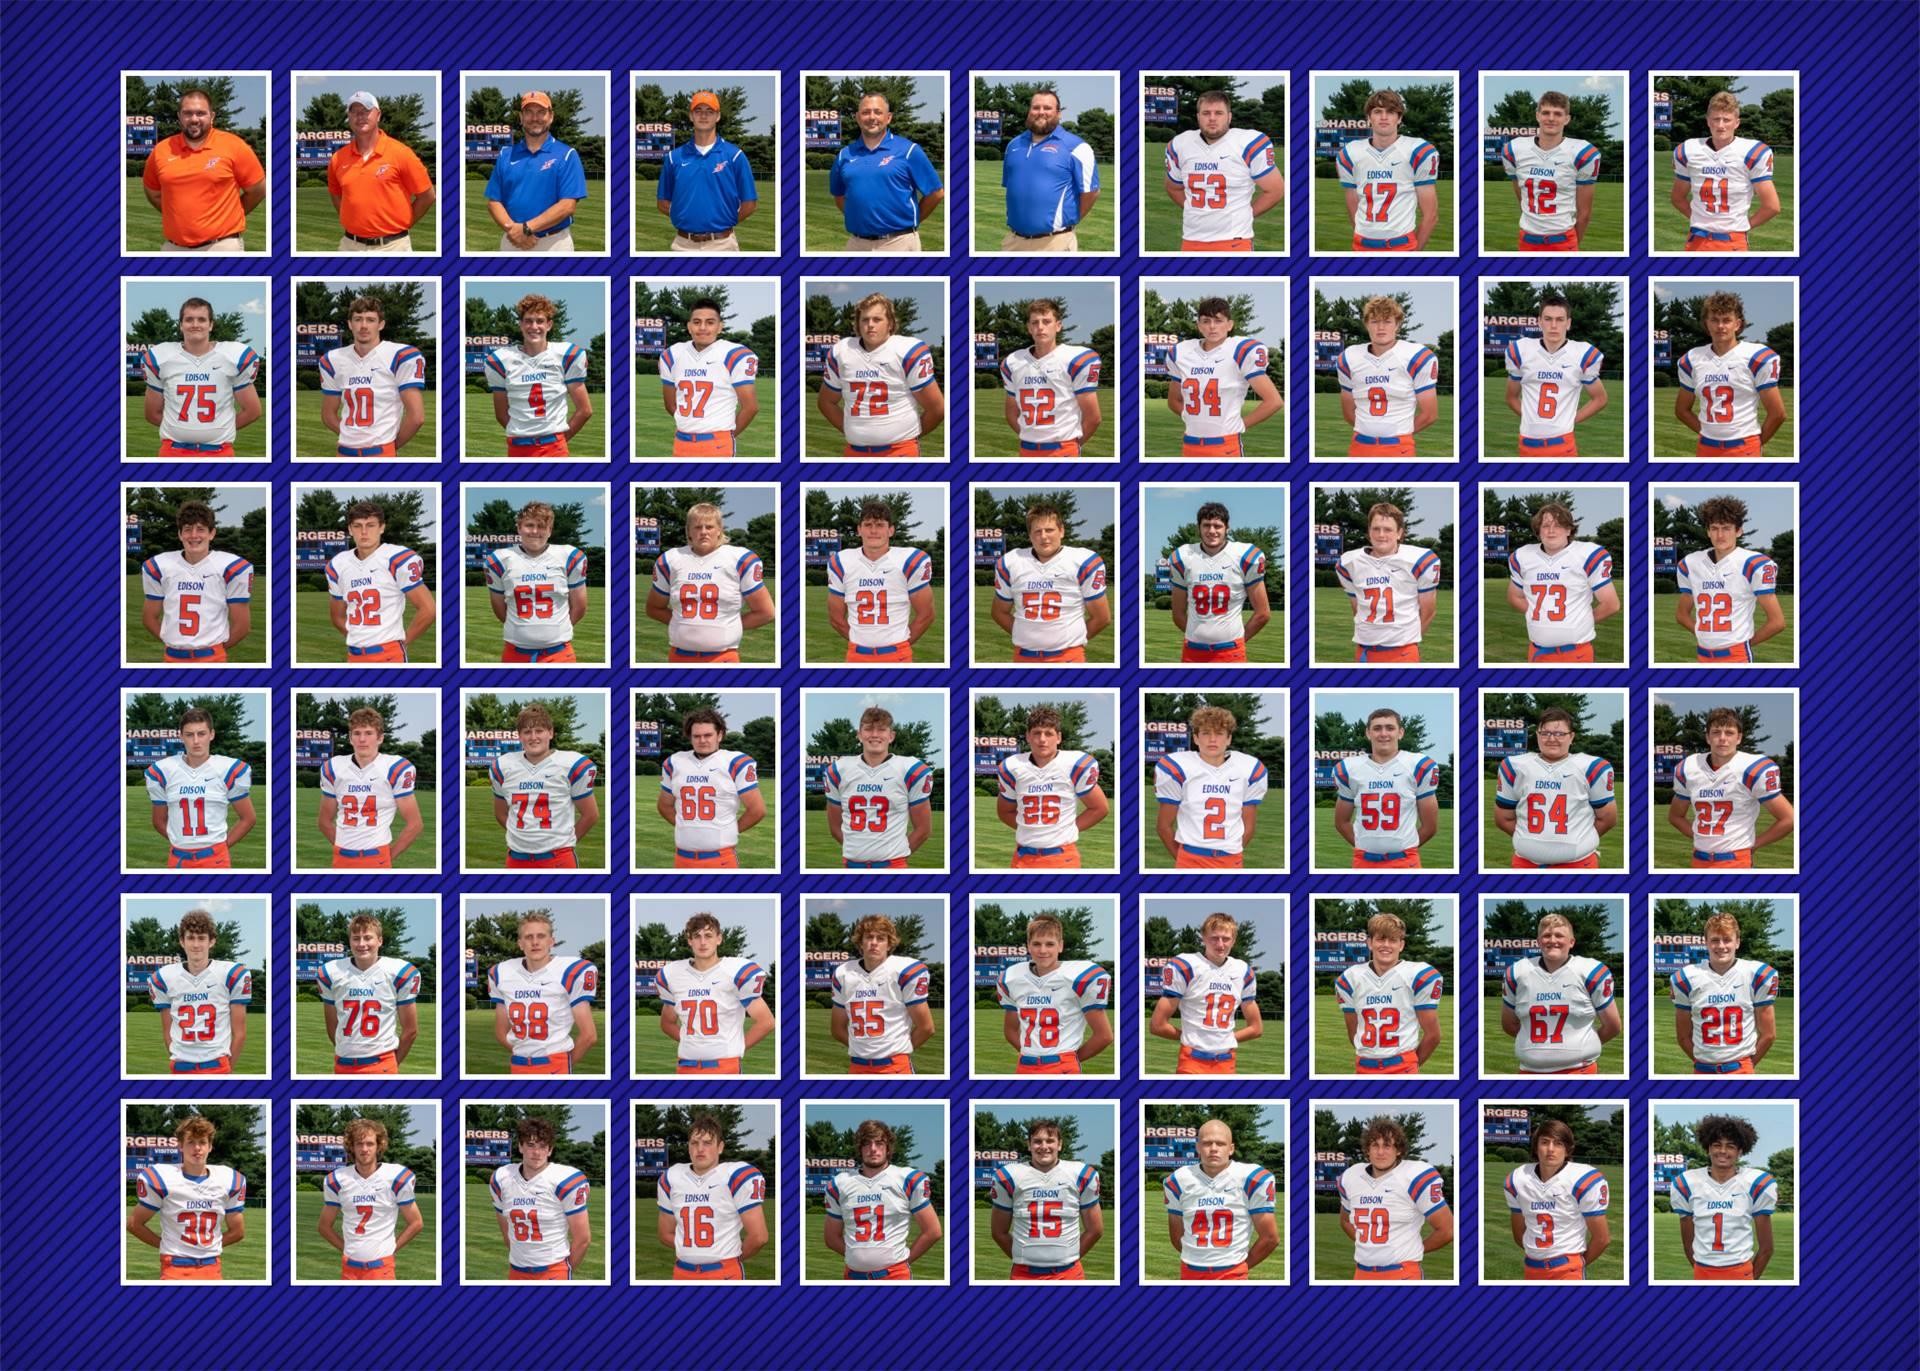 2020 Football Team